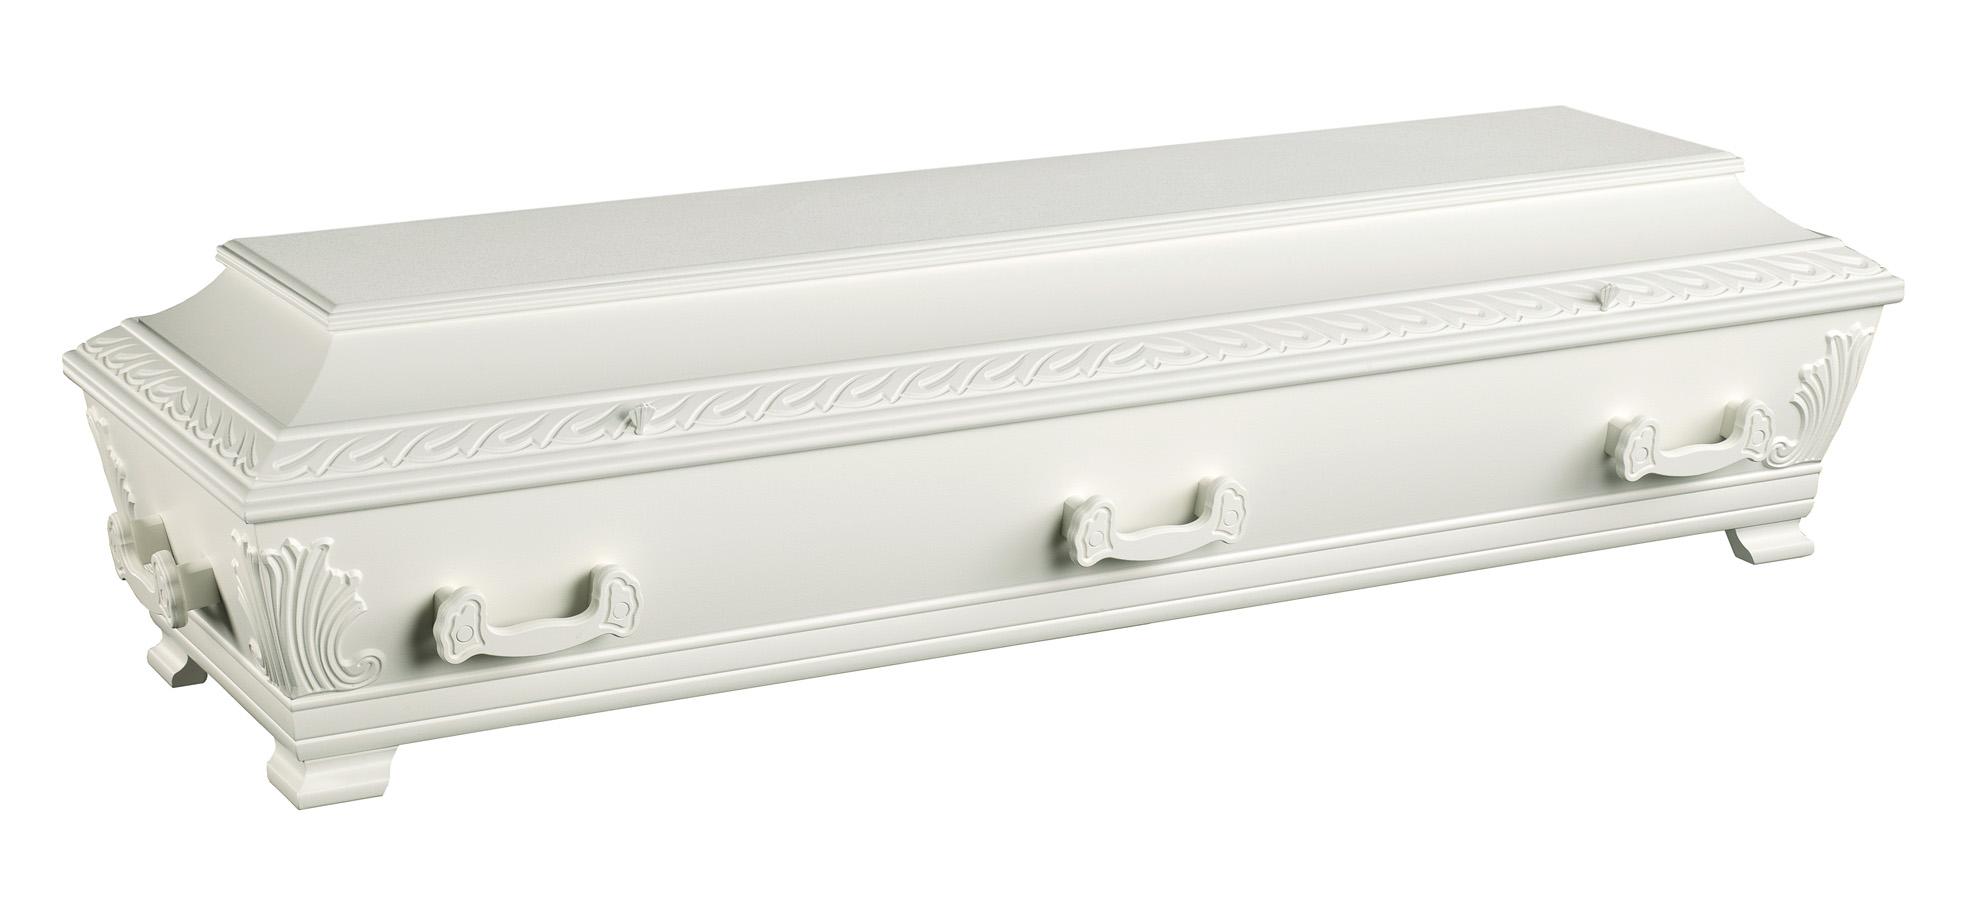 Hvitmalt og utsmykket kiste i furu fra jølstad